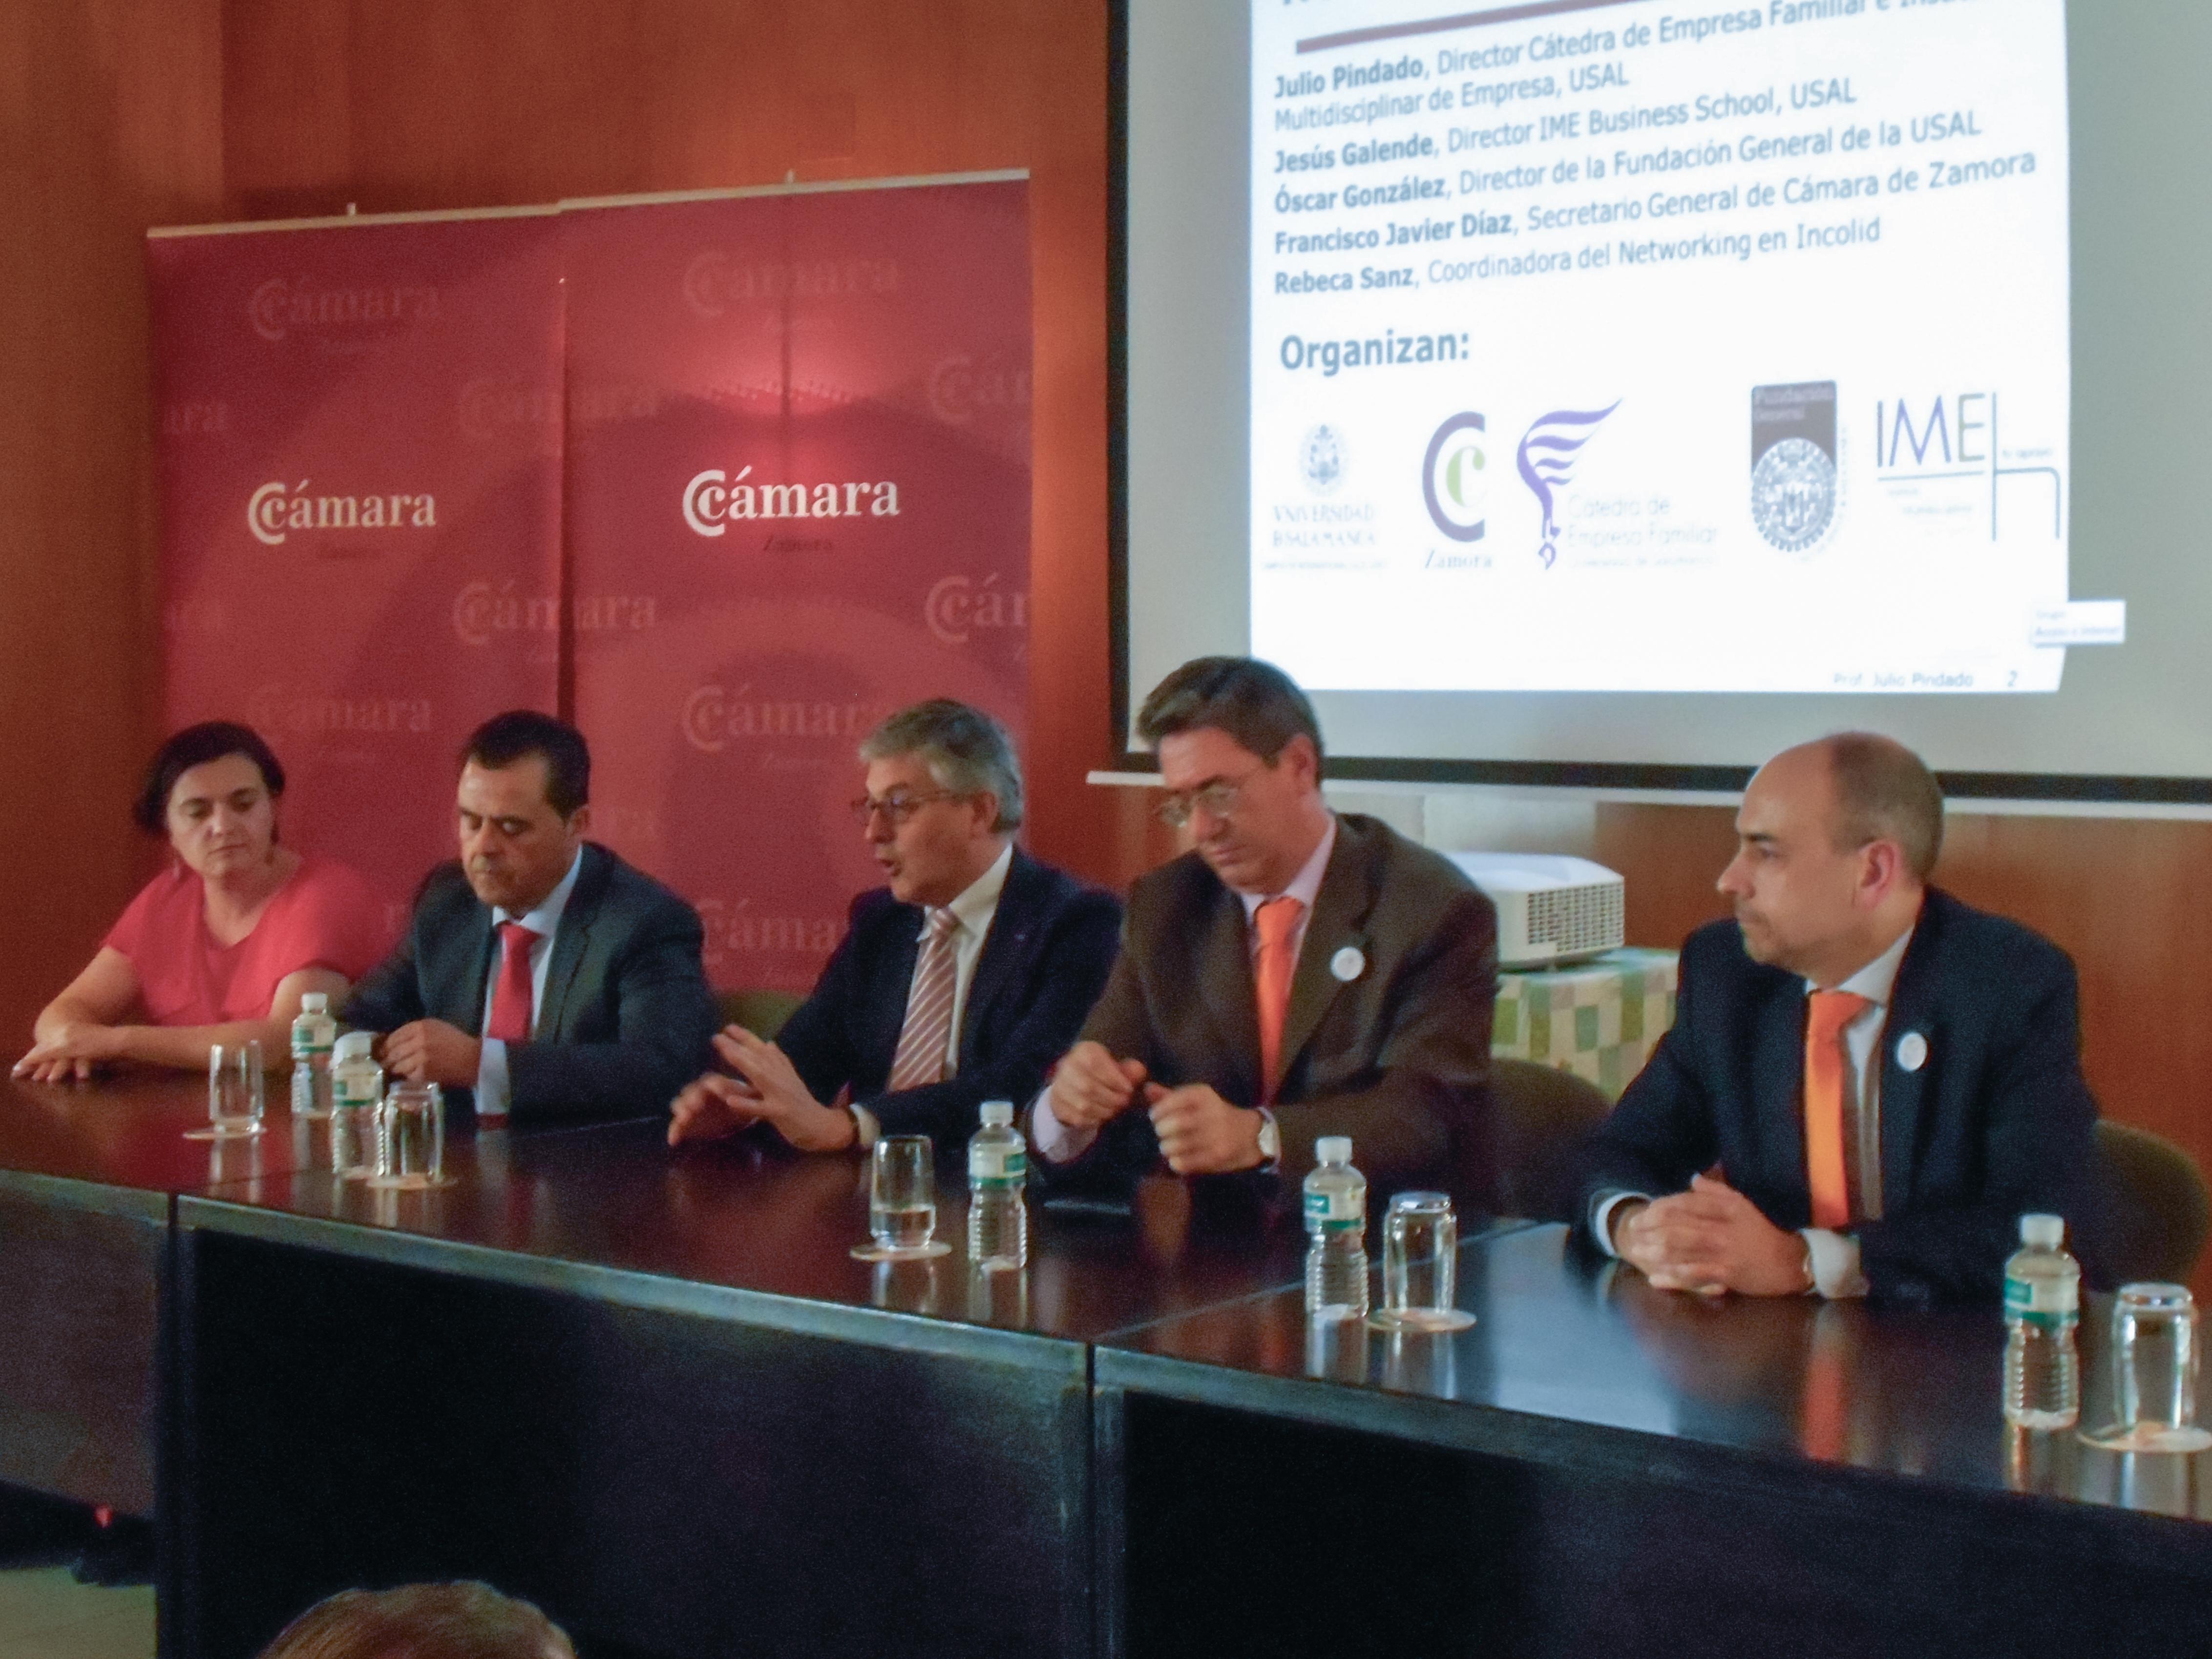 El Instituto Multidisciplinar de Empresa organiza un encuentro empresarial en Zamora